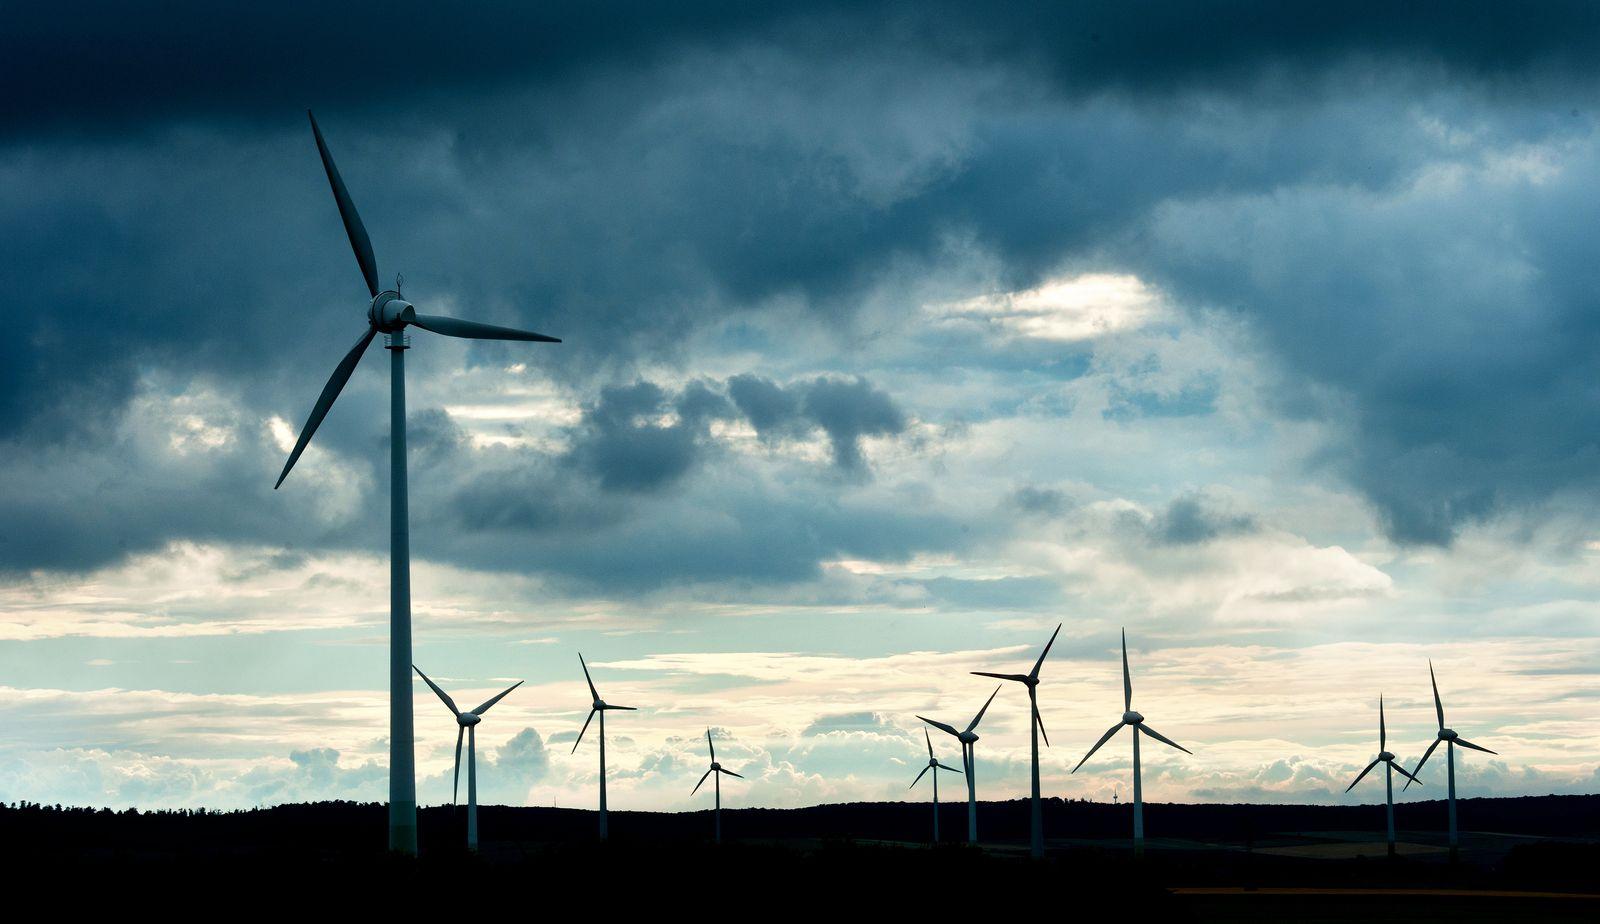 Windenergie / Strom / Windrad / Erneuerbare-Energien